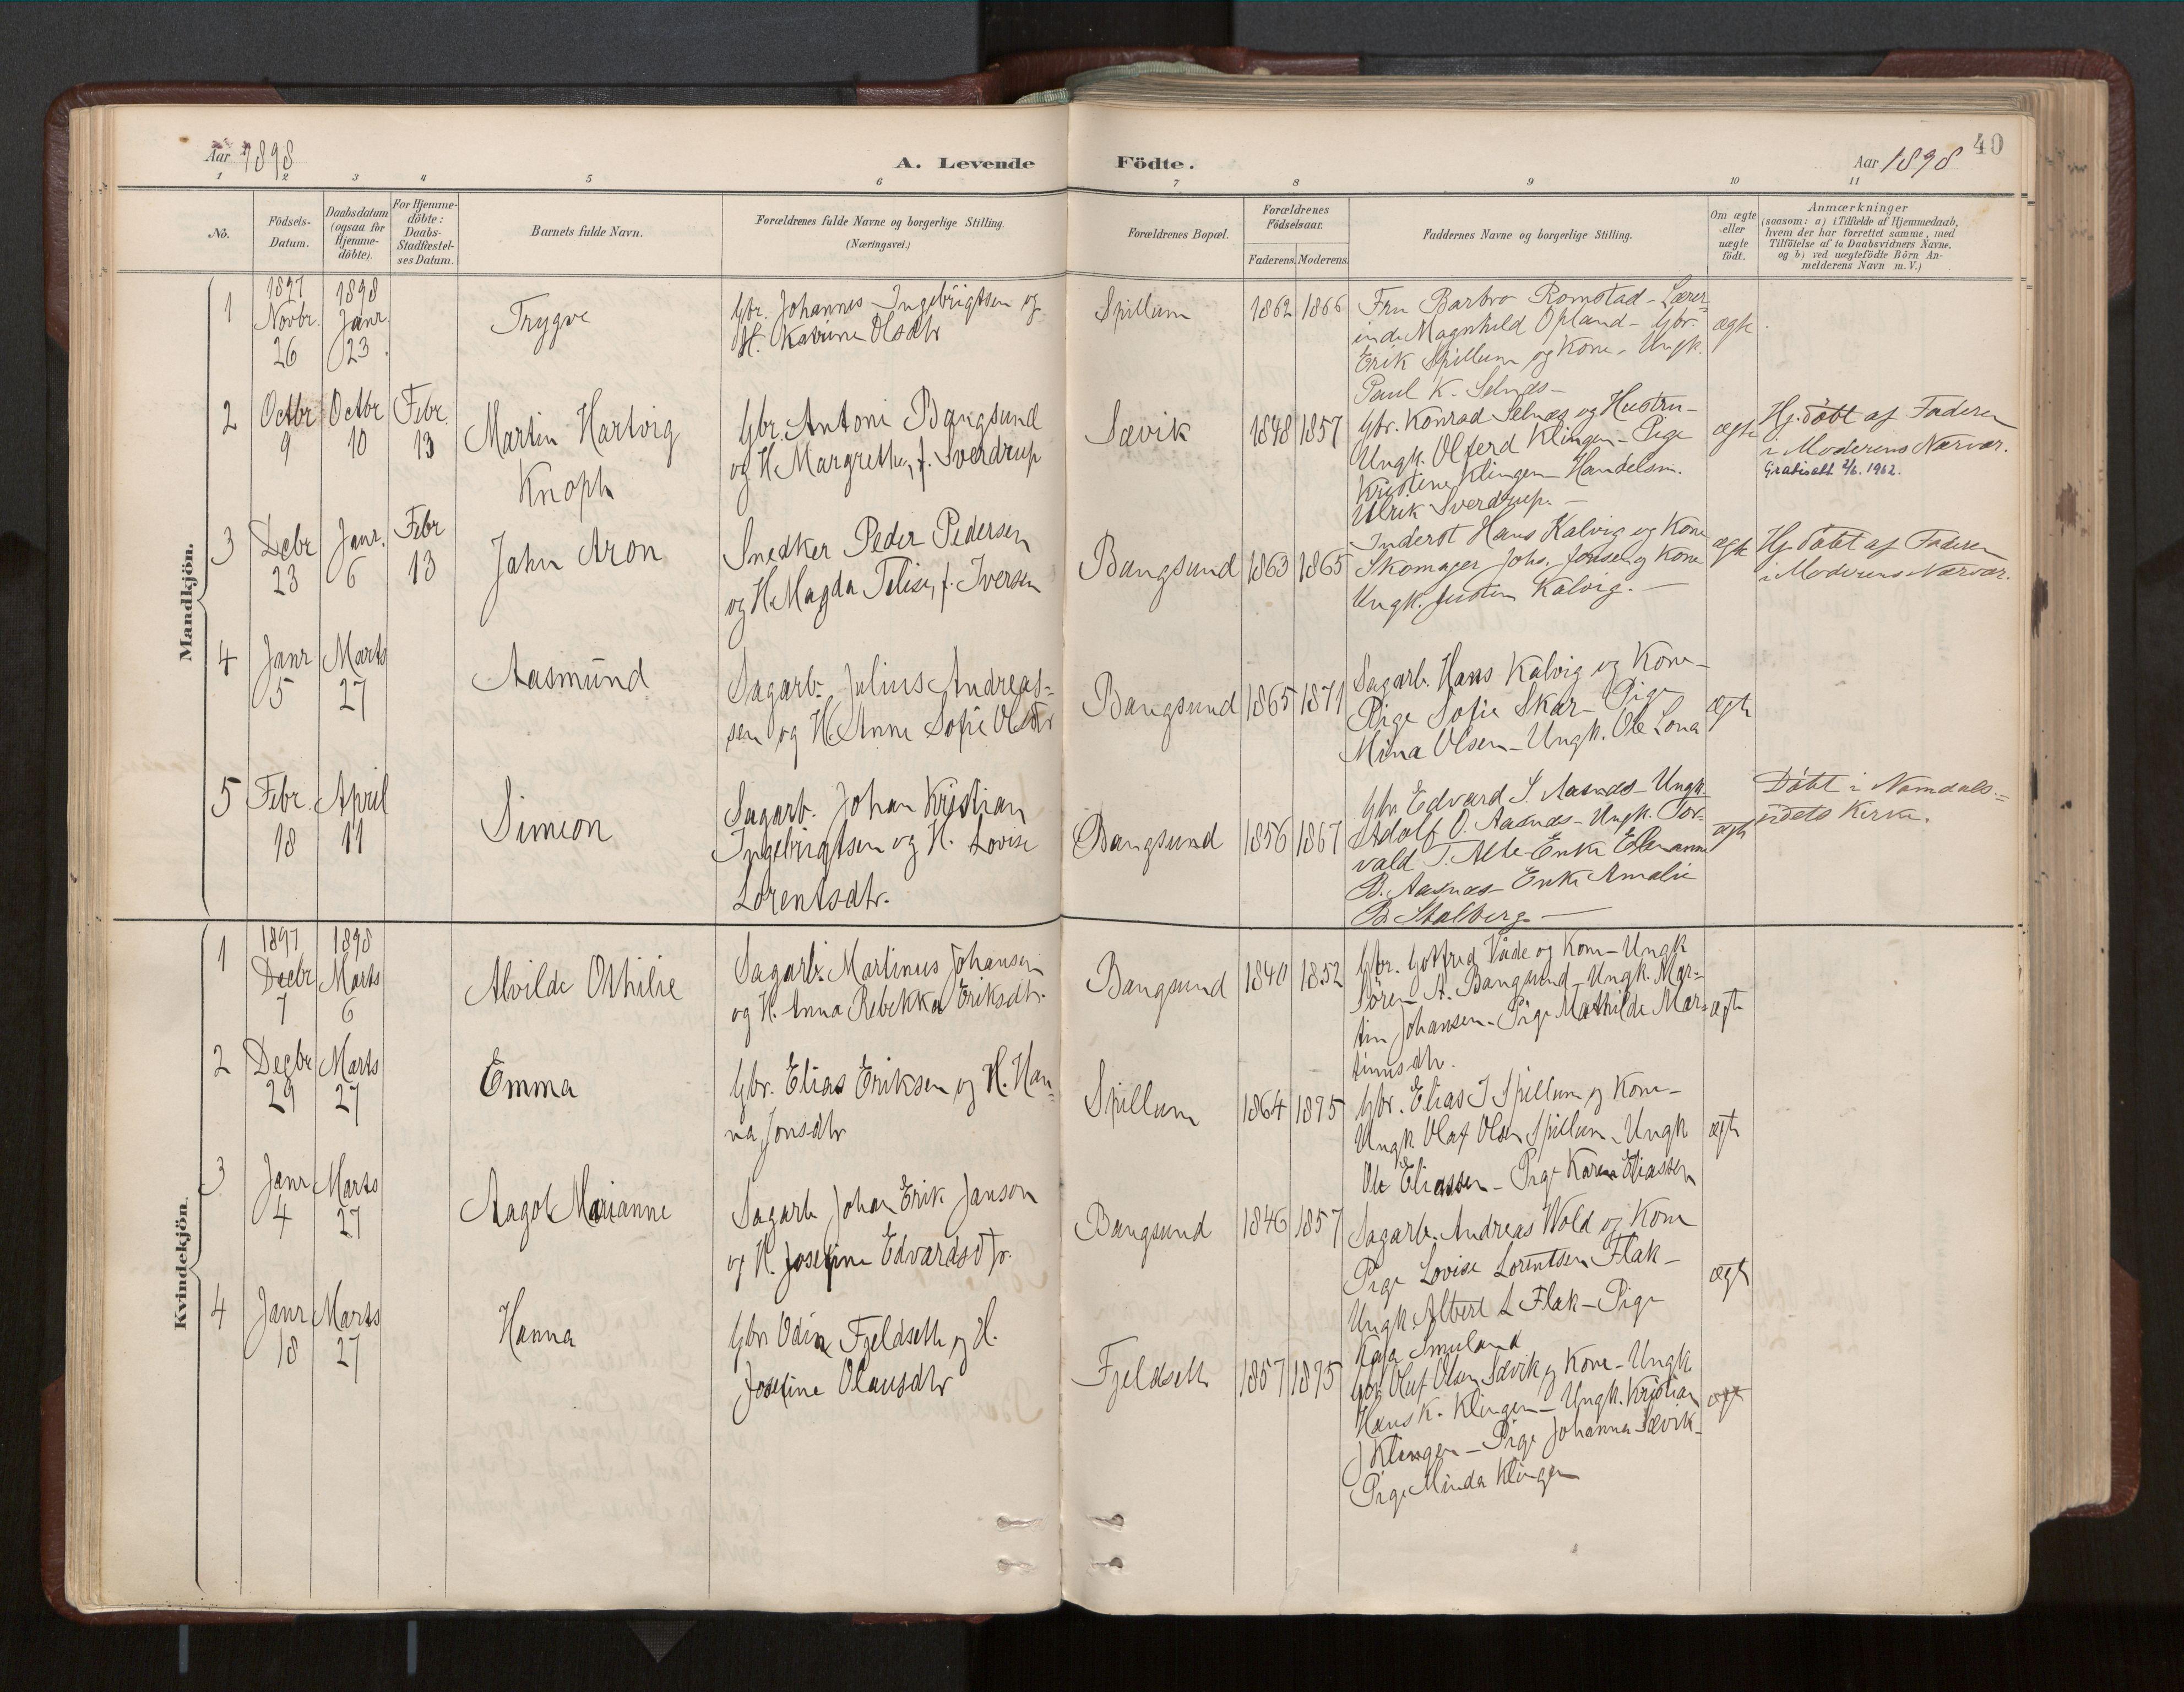 SAT, Ministerialprotokoller, klokkerbøker og fødselsregistre - Nord-Trøndelag, 770/L0589: Ministerialbok nr. 770A03, 1887-1929, s. 40